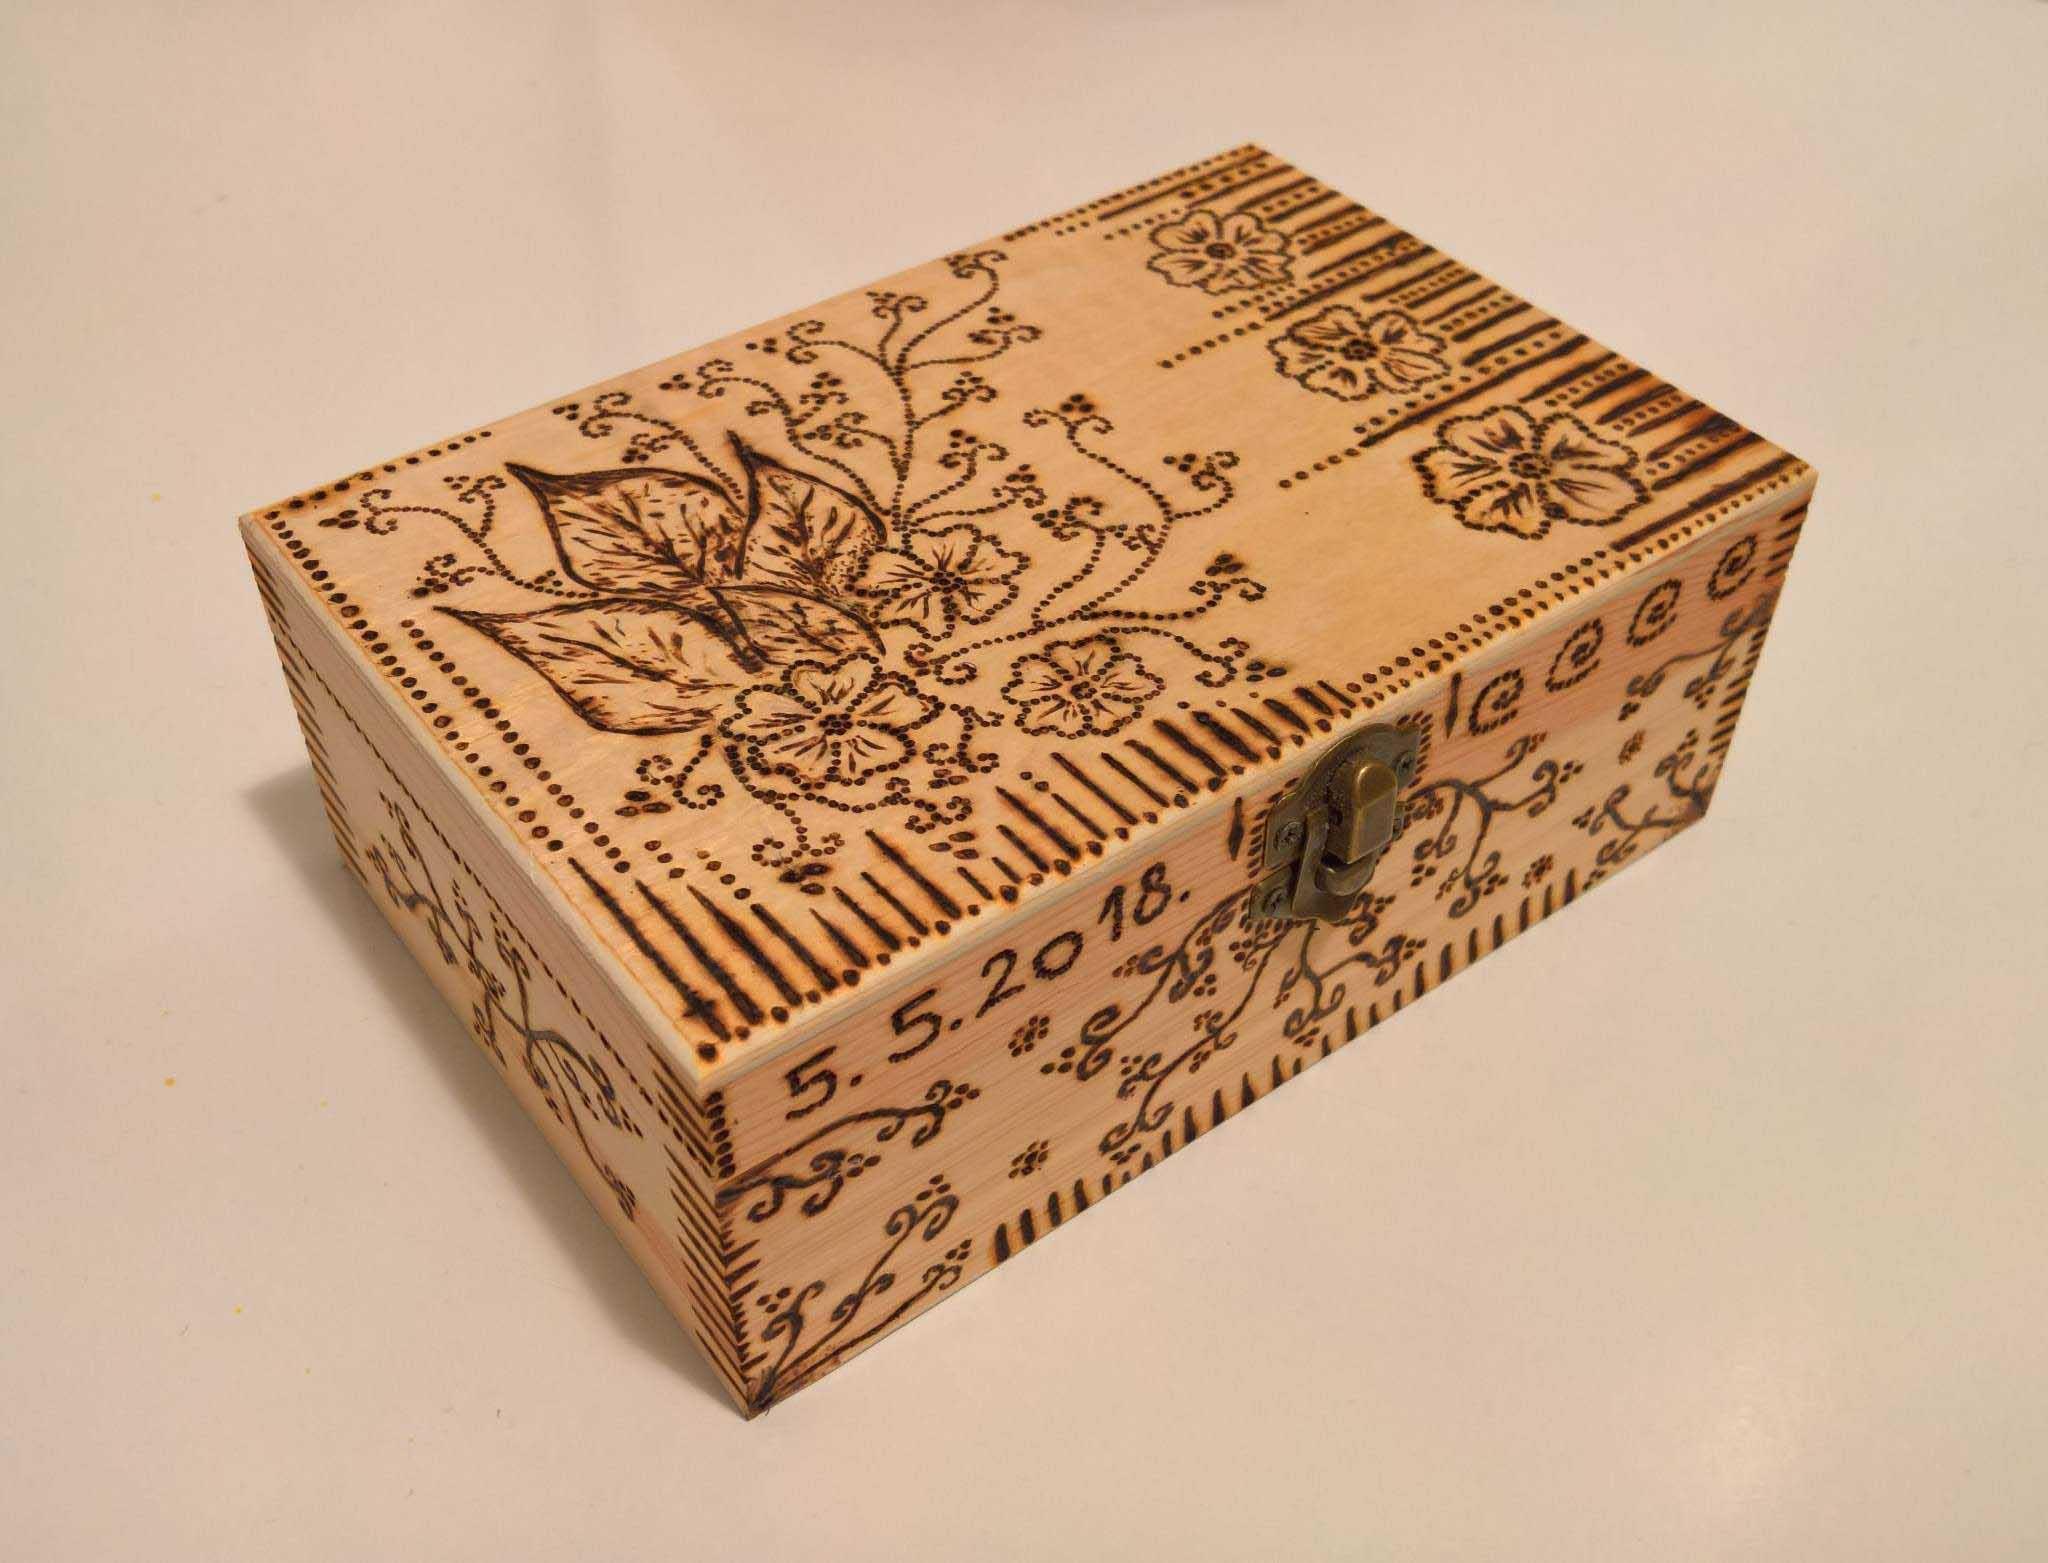 Predstavljamo: Dream box, prelijepe kutijice za najvrjednije trenutke